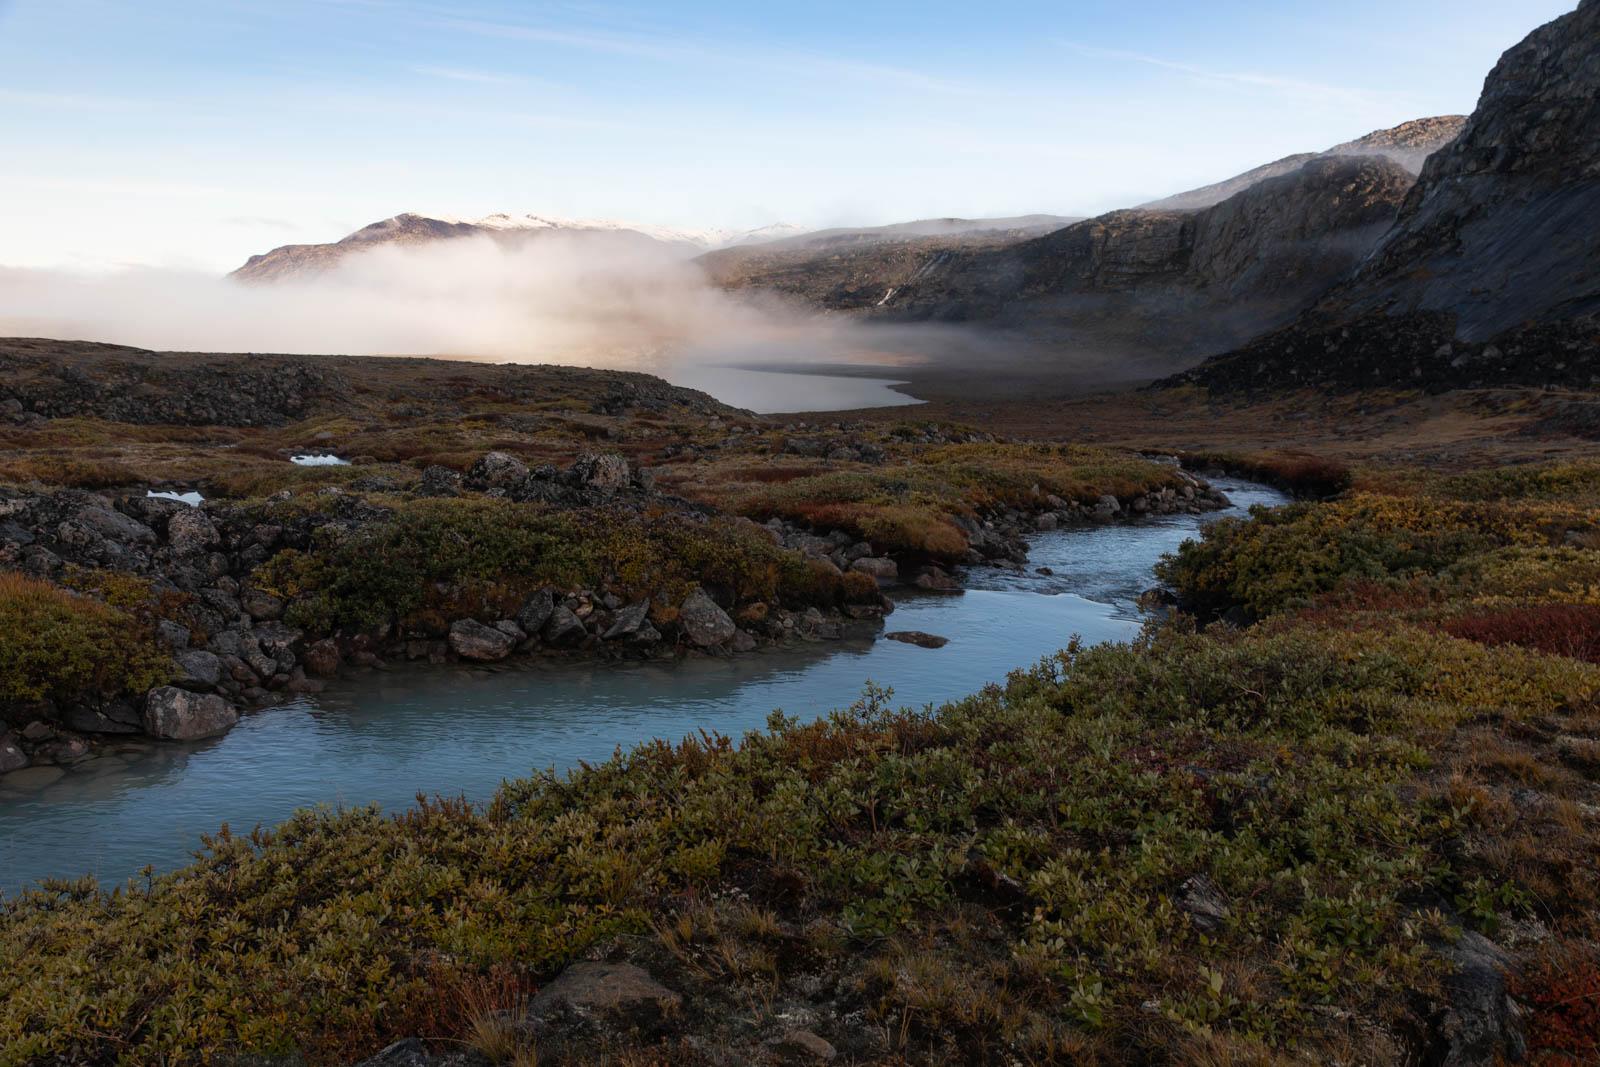 Photo: Auf dem Weg zum Gletscher